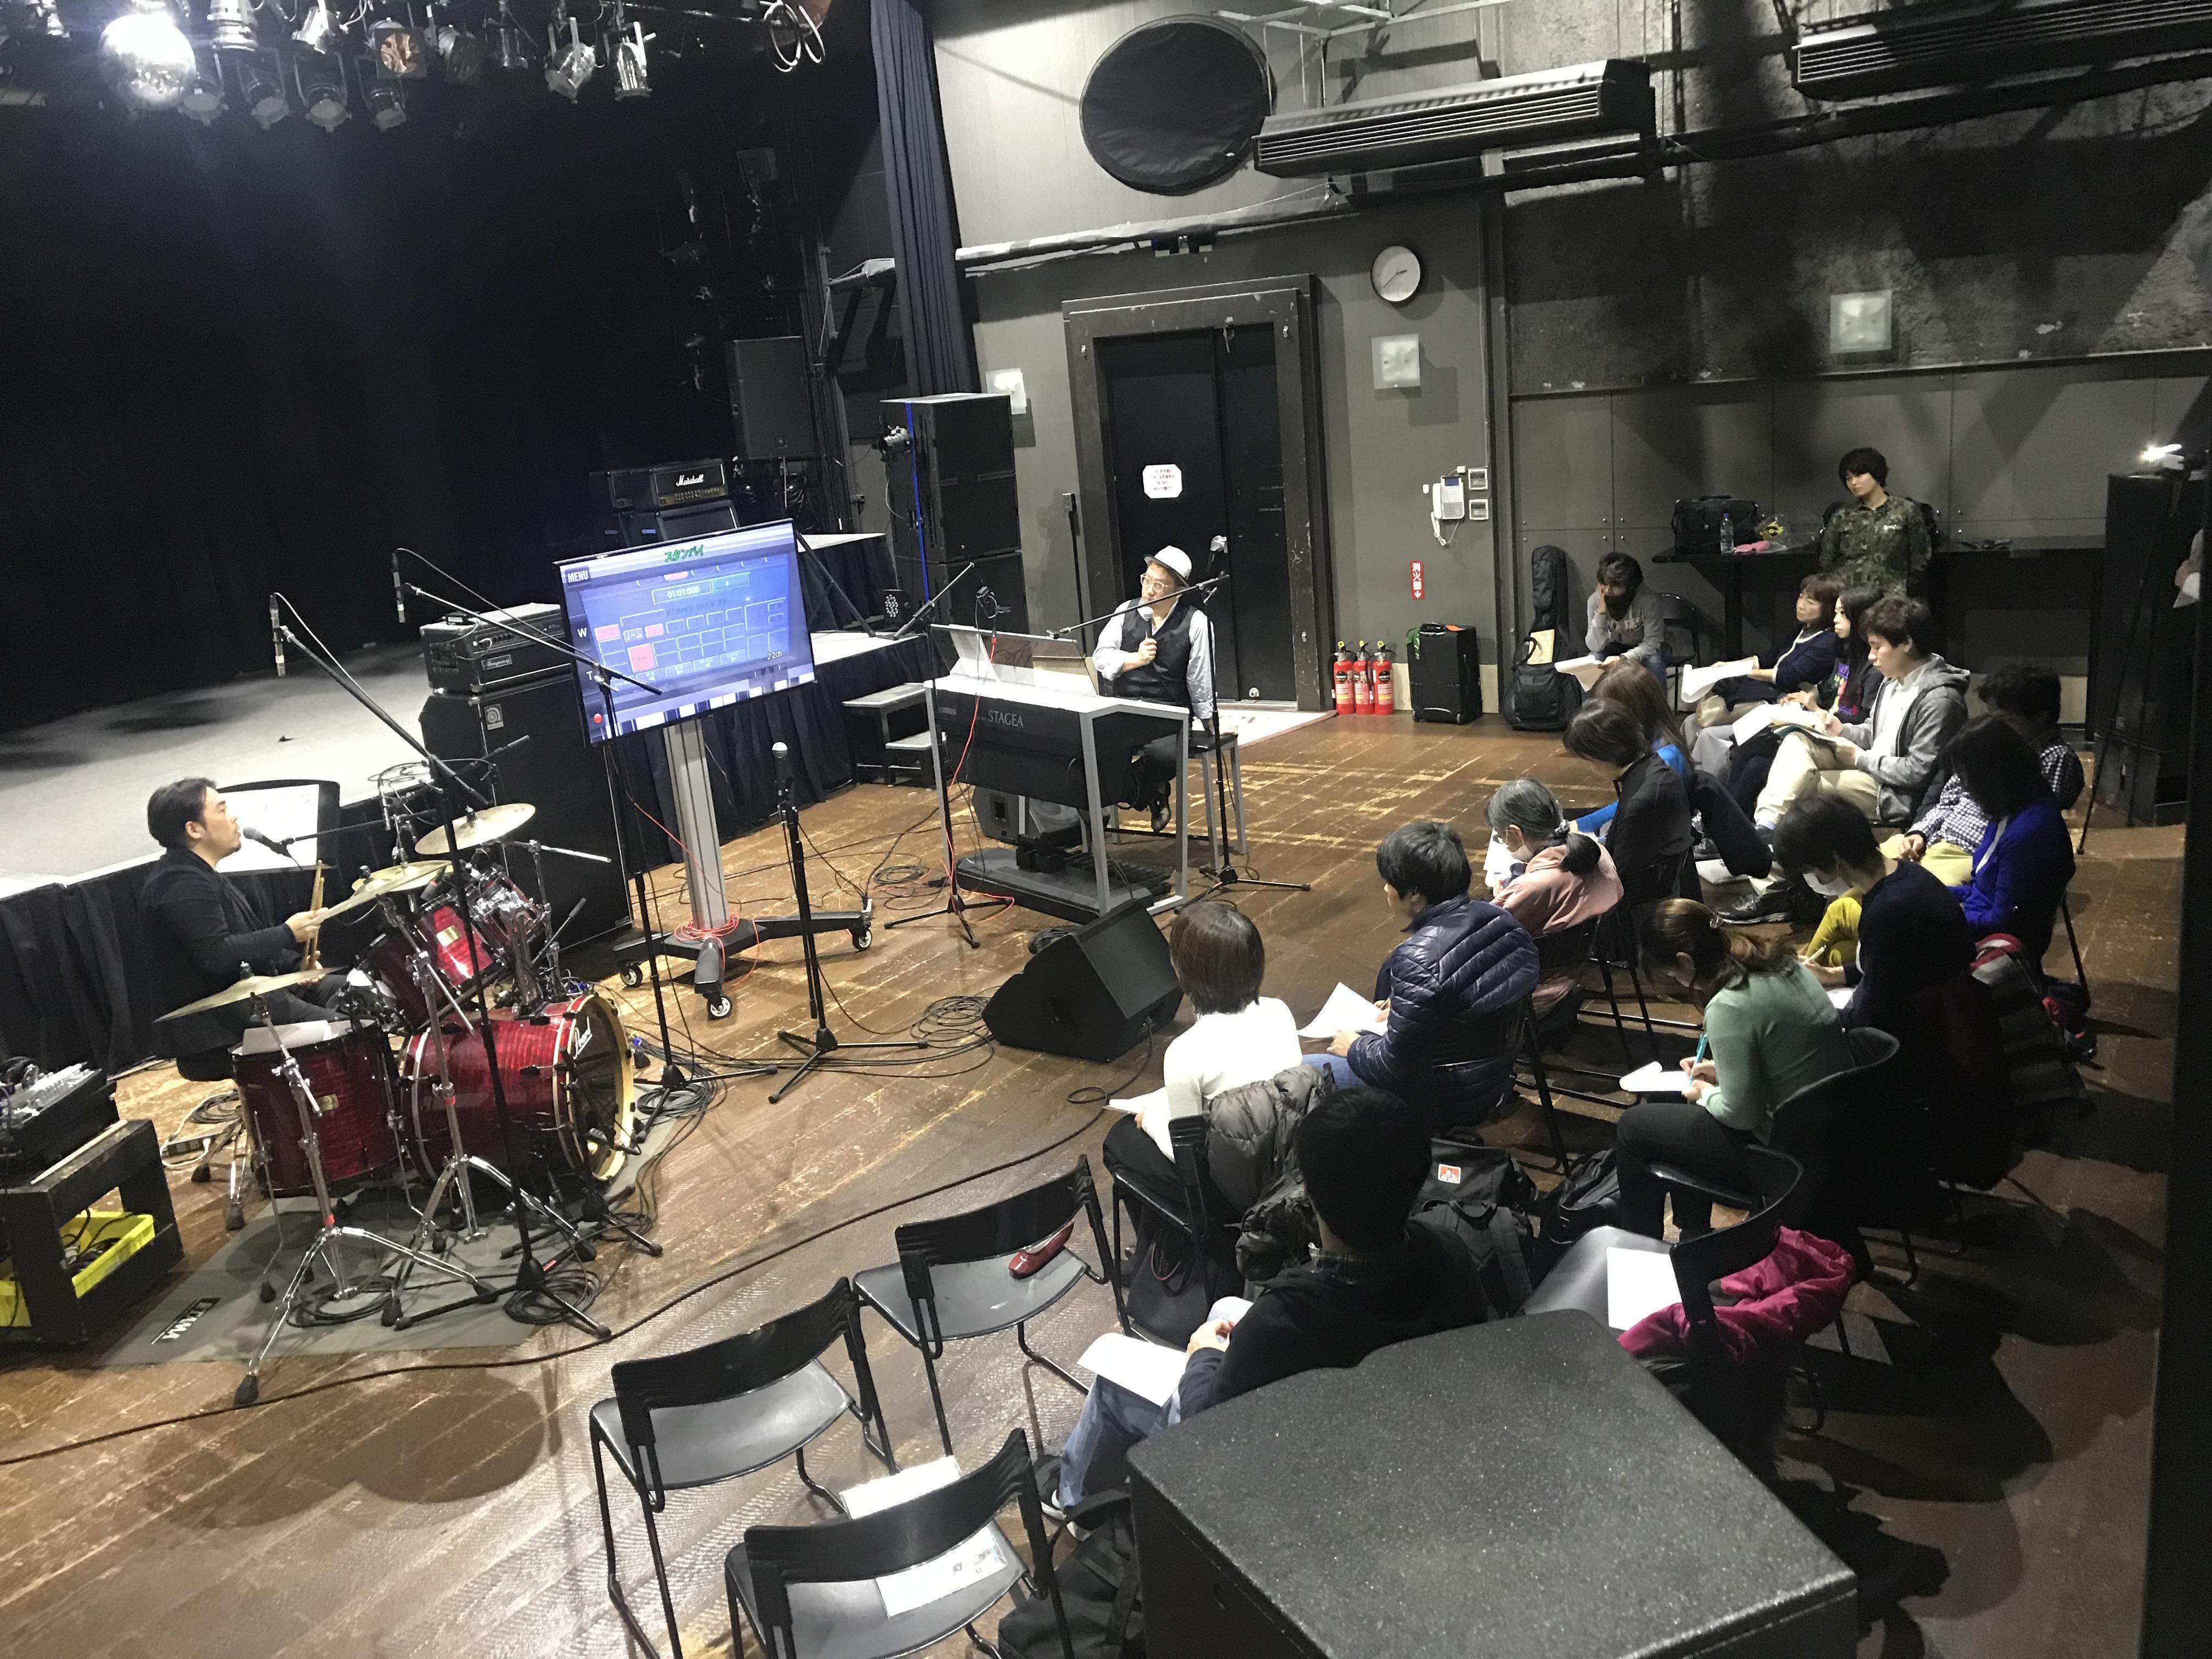 国立音楽院パラダイスホール。ステージではなく客席にドラムとエレクトーンを置き実演を交えながら講義を進めるオータケハヤト講師とおぎたひろゆき講師。参加者15名は配布された資料にメモを書き込んでいます。